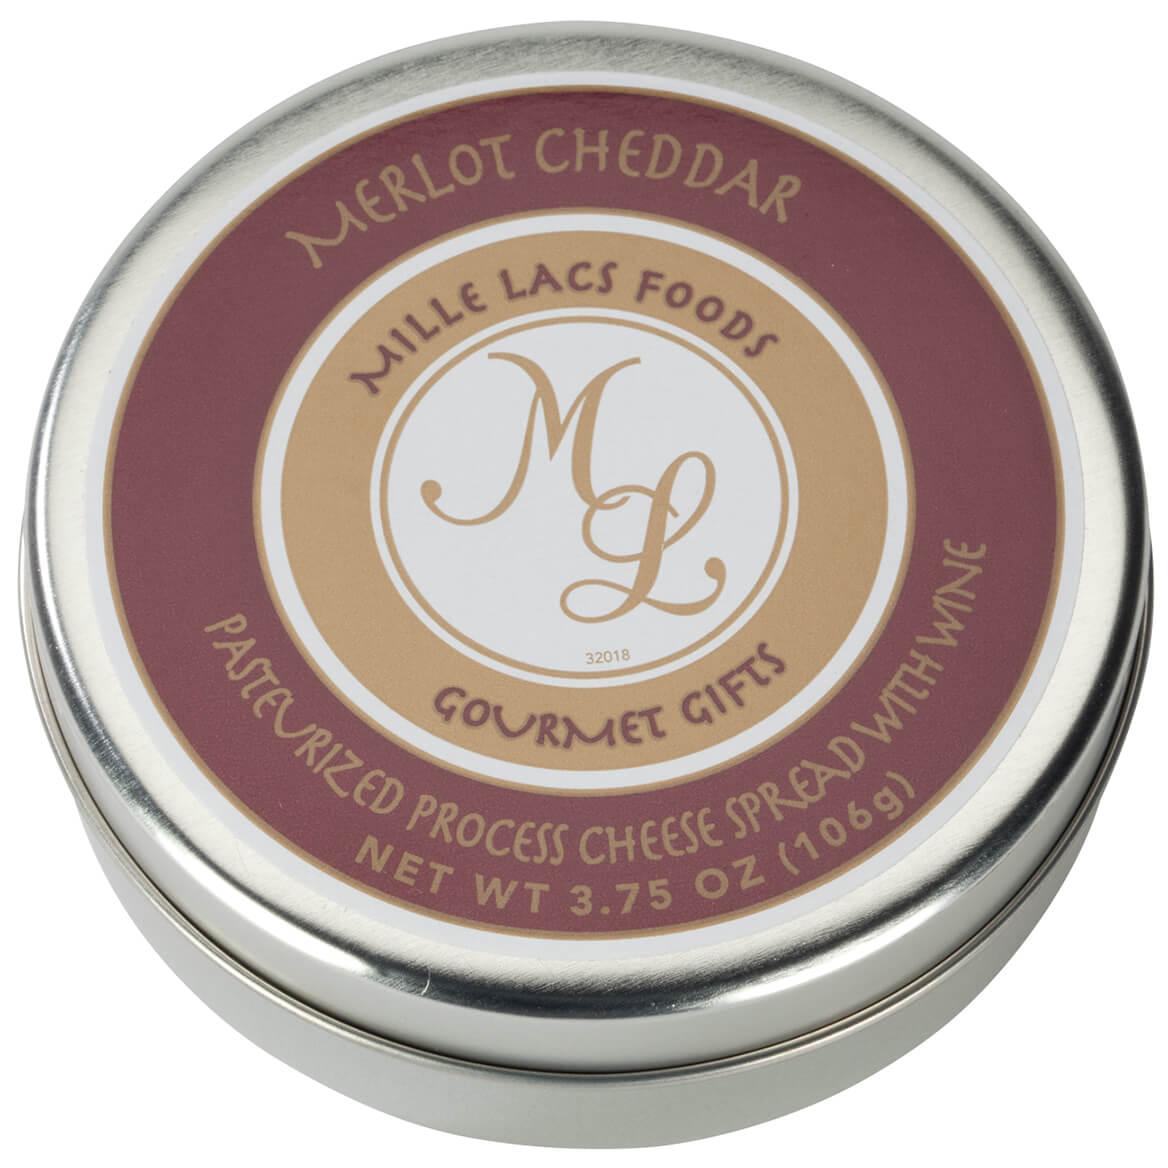 Merlot Cheddar Cheese Spread, 3.75 oz.-361074